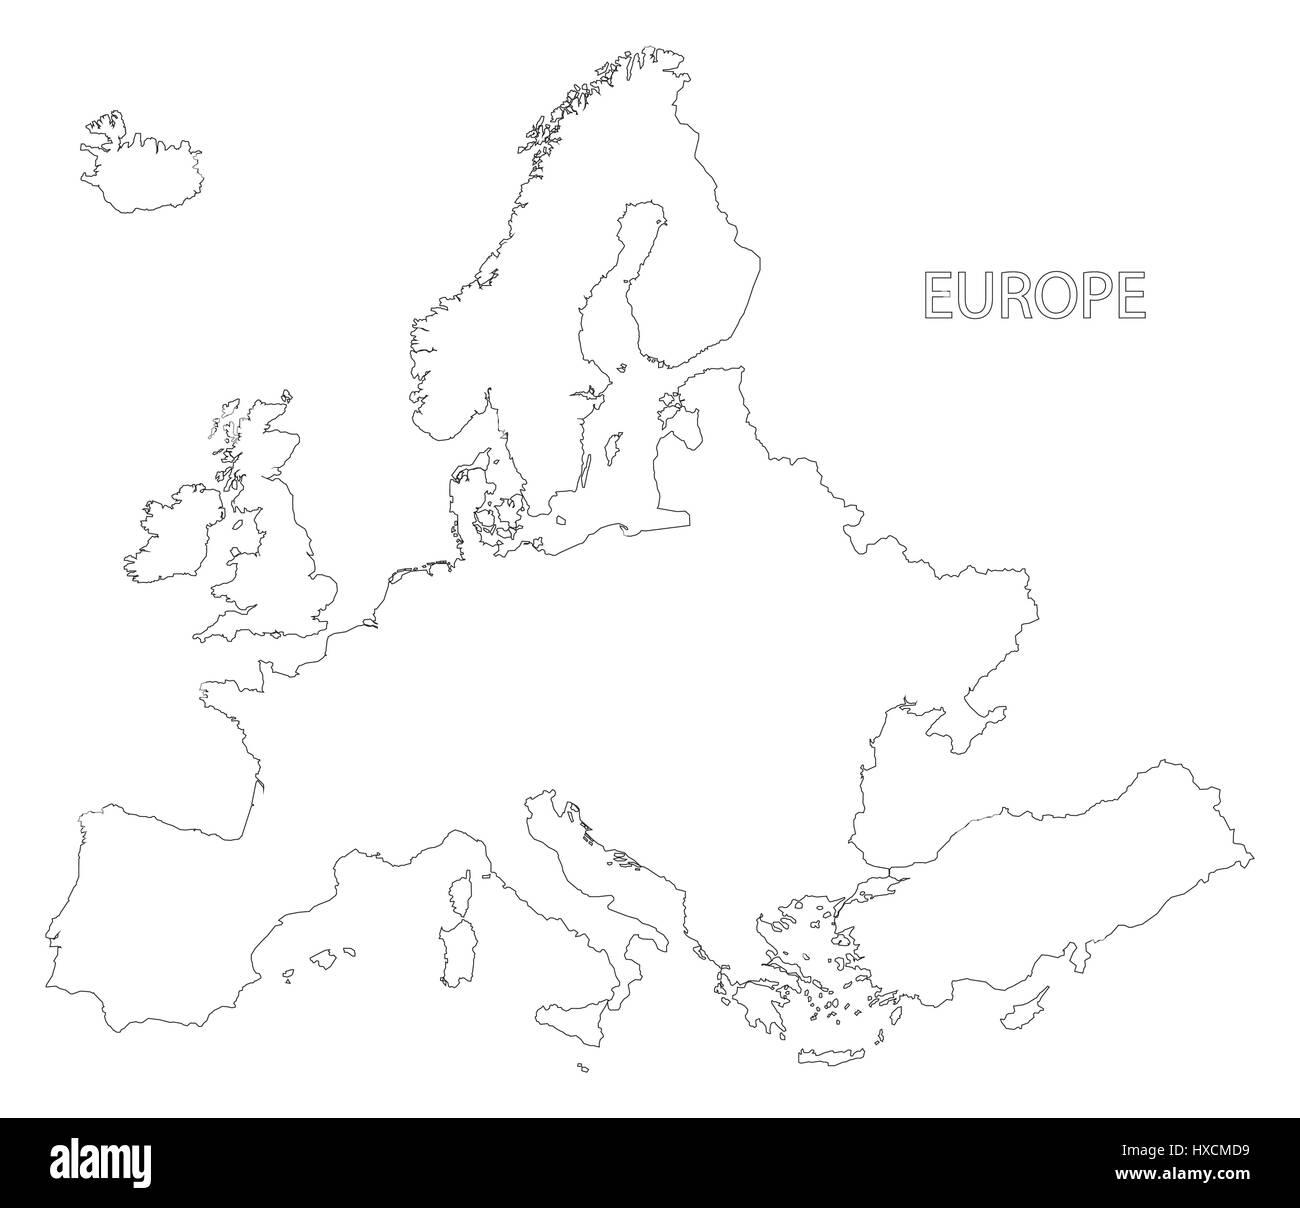 Europa Delineano Silhouette Mappa Immagine In Bianco E Nero